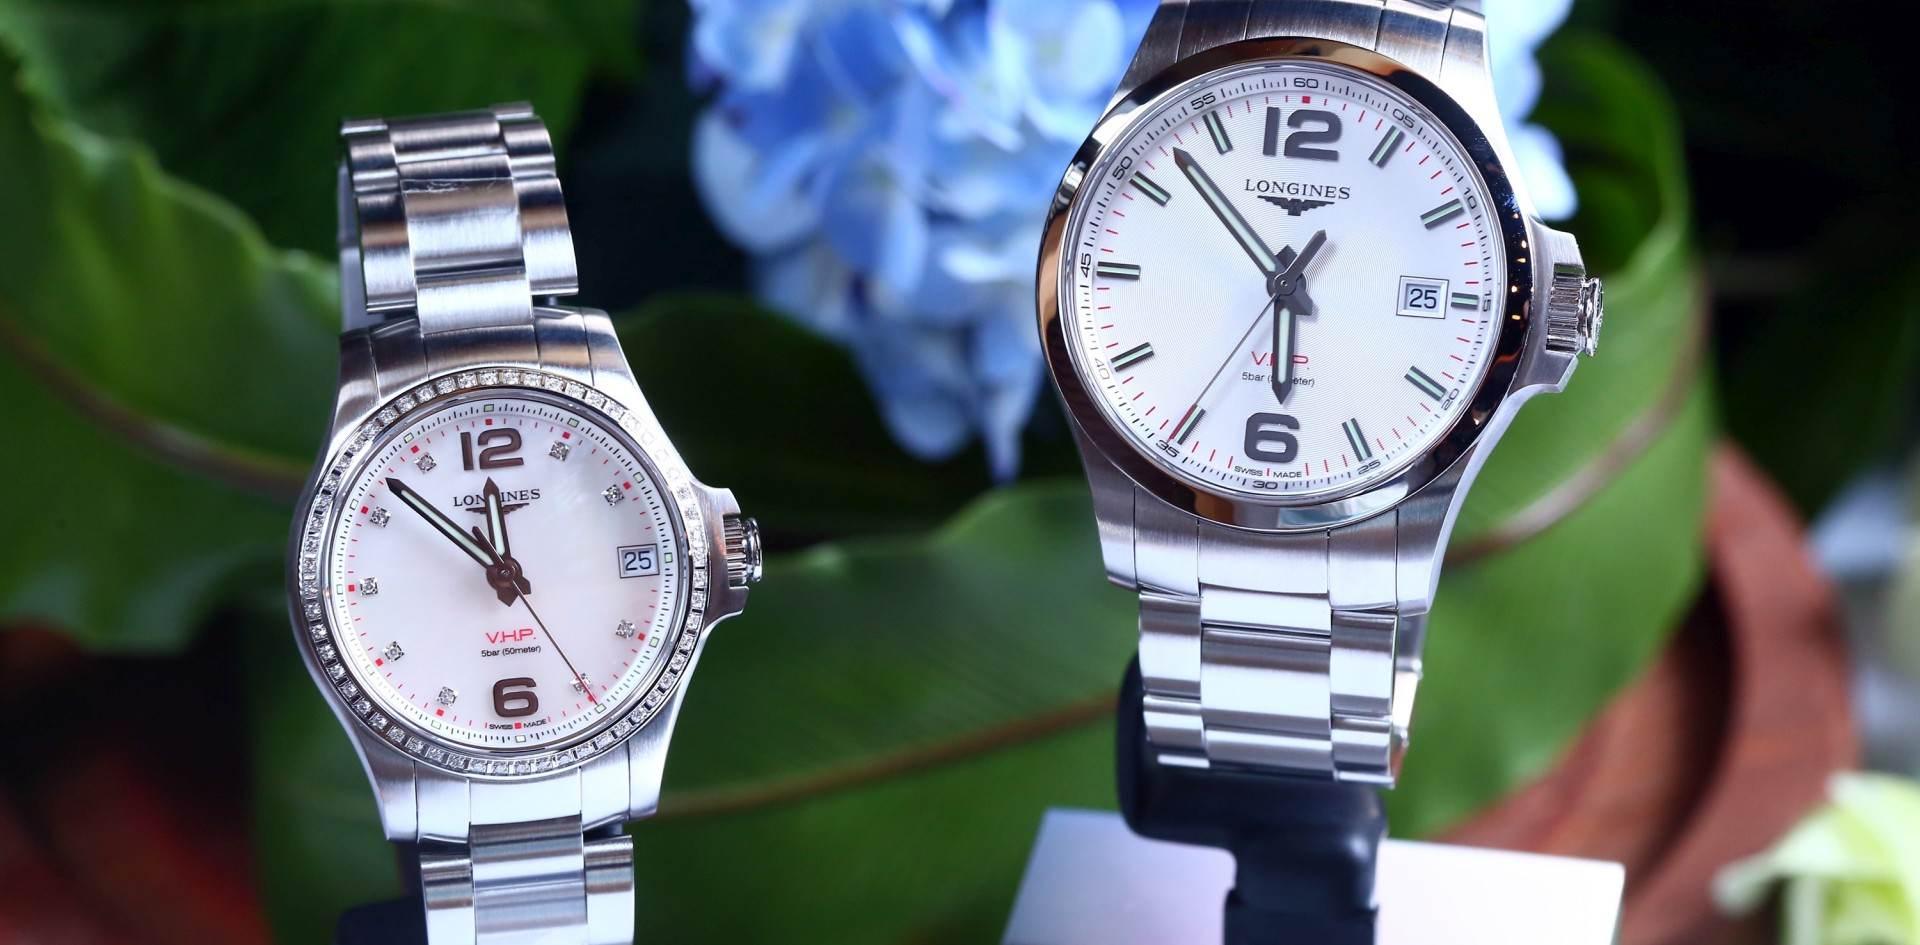 浪漫夏日,以錶傳情:Longines 浪琴表七夕情人節新品對錶為彼此獻上真摯「琴意 」